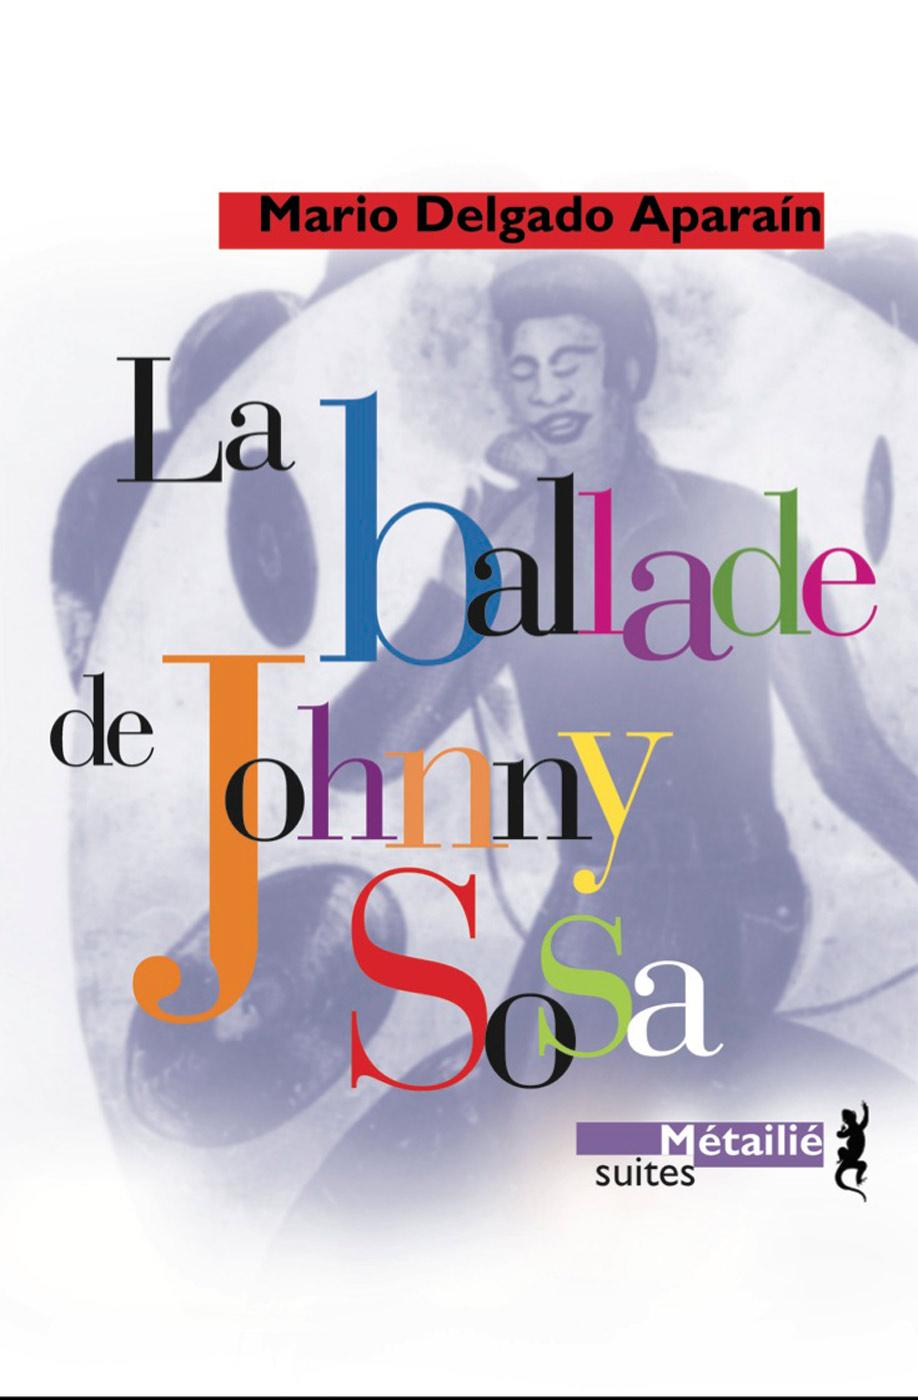 Delgado Sosa